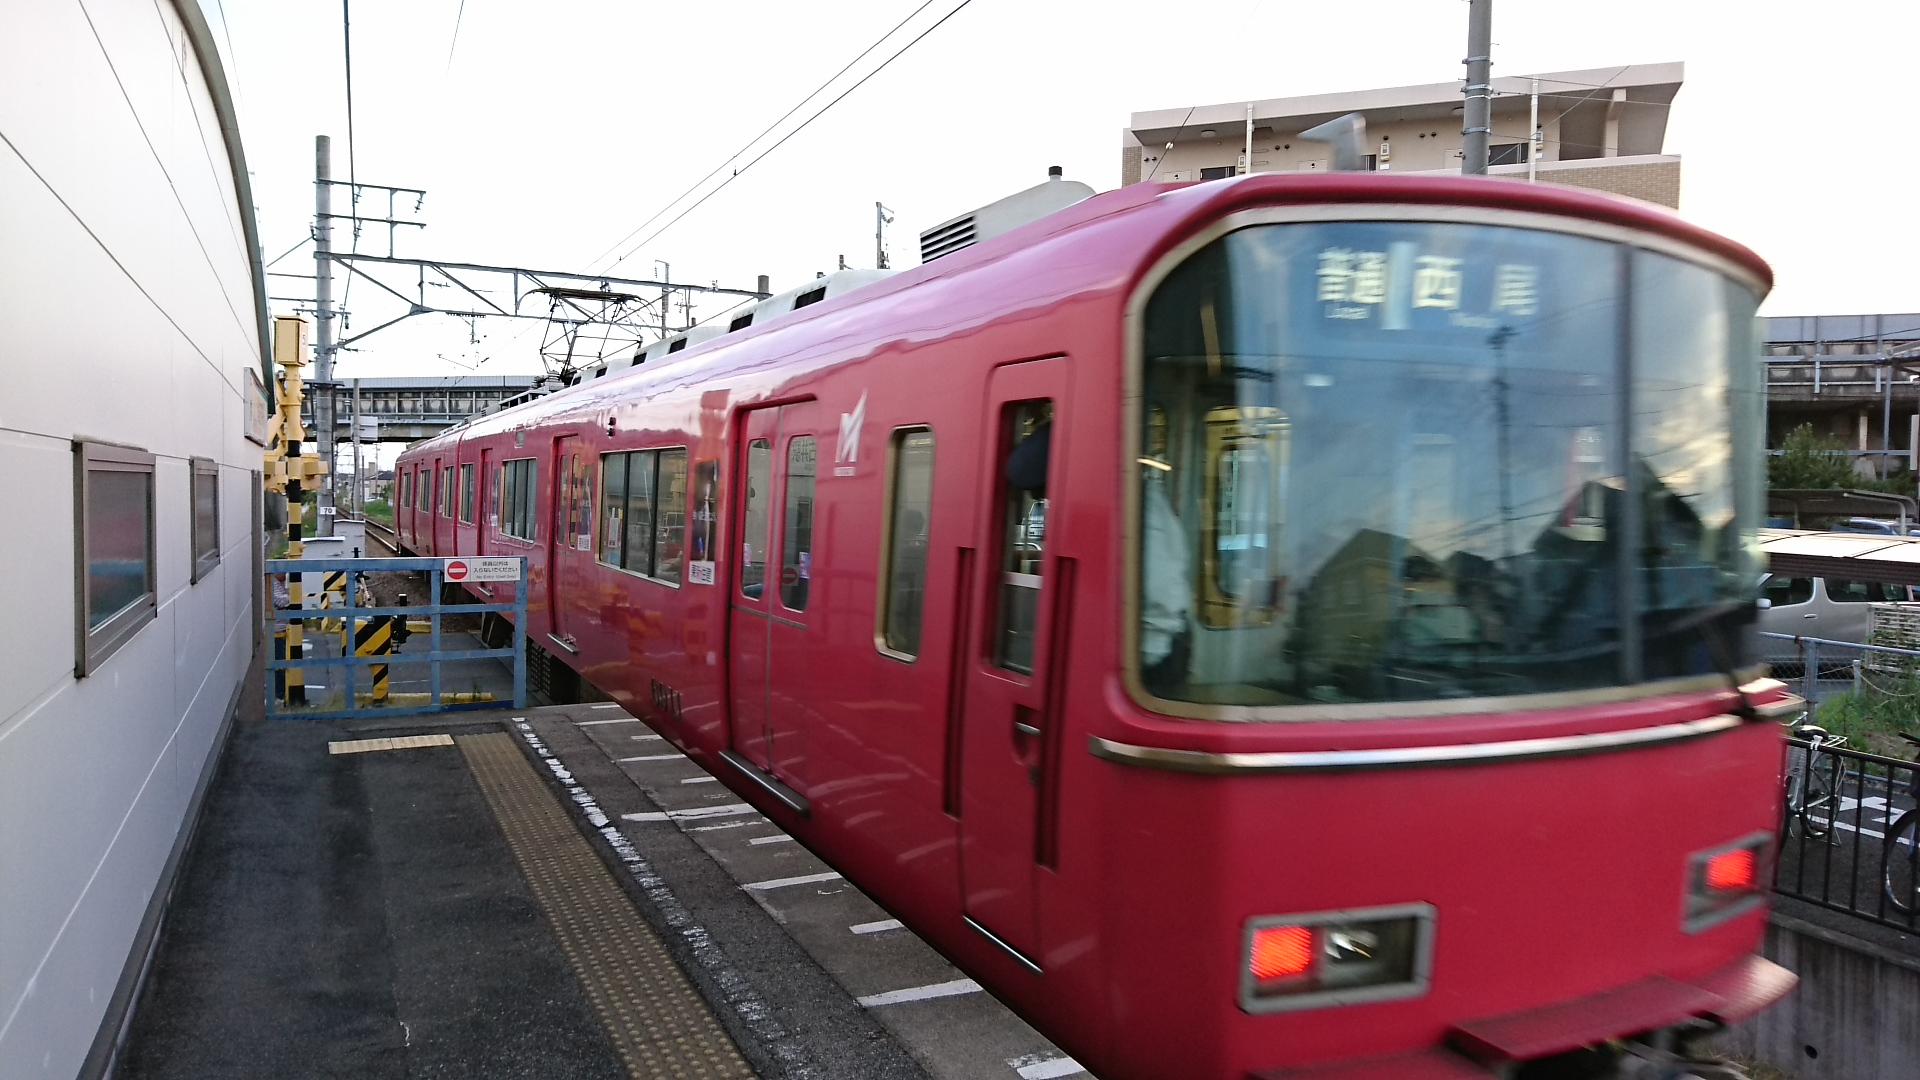 2016.10.16 (32) 古井 - 西尾いきふつう